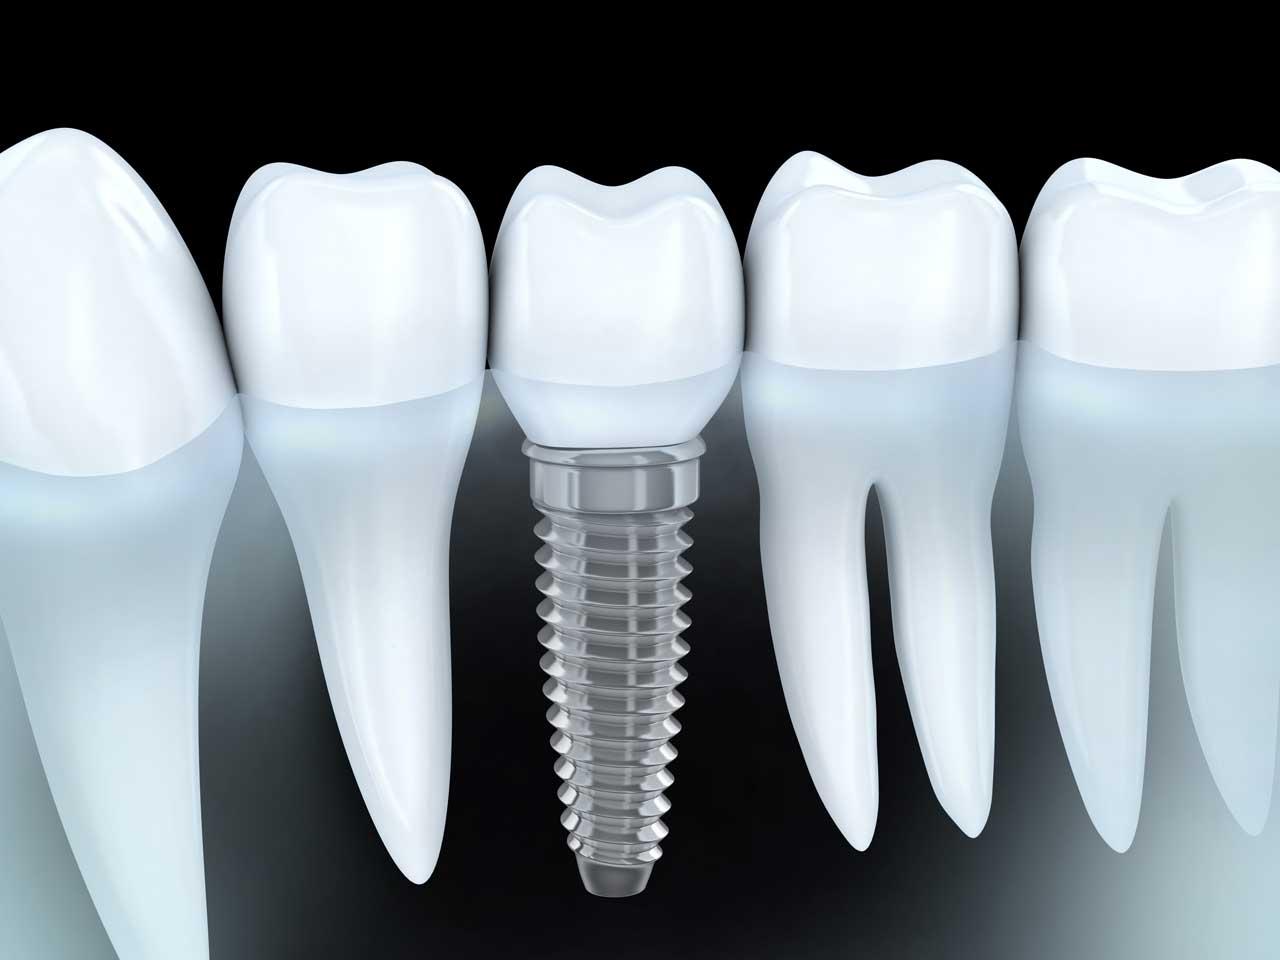 implantologia dello studio dentistico smile gallery